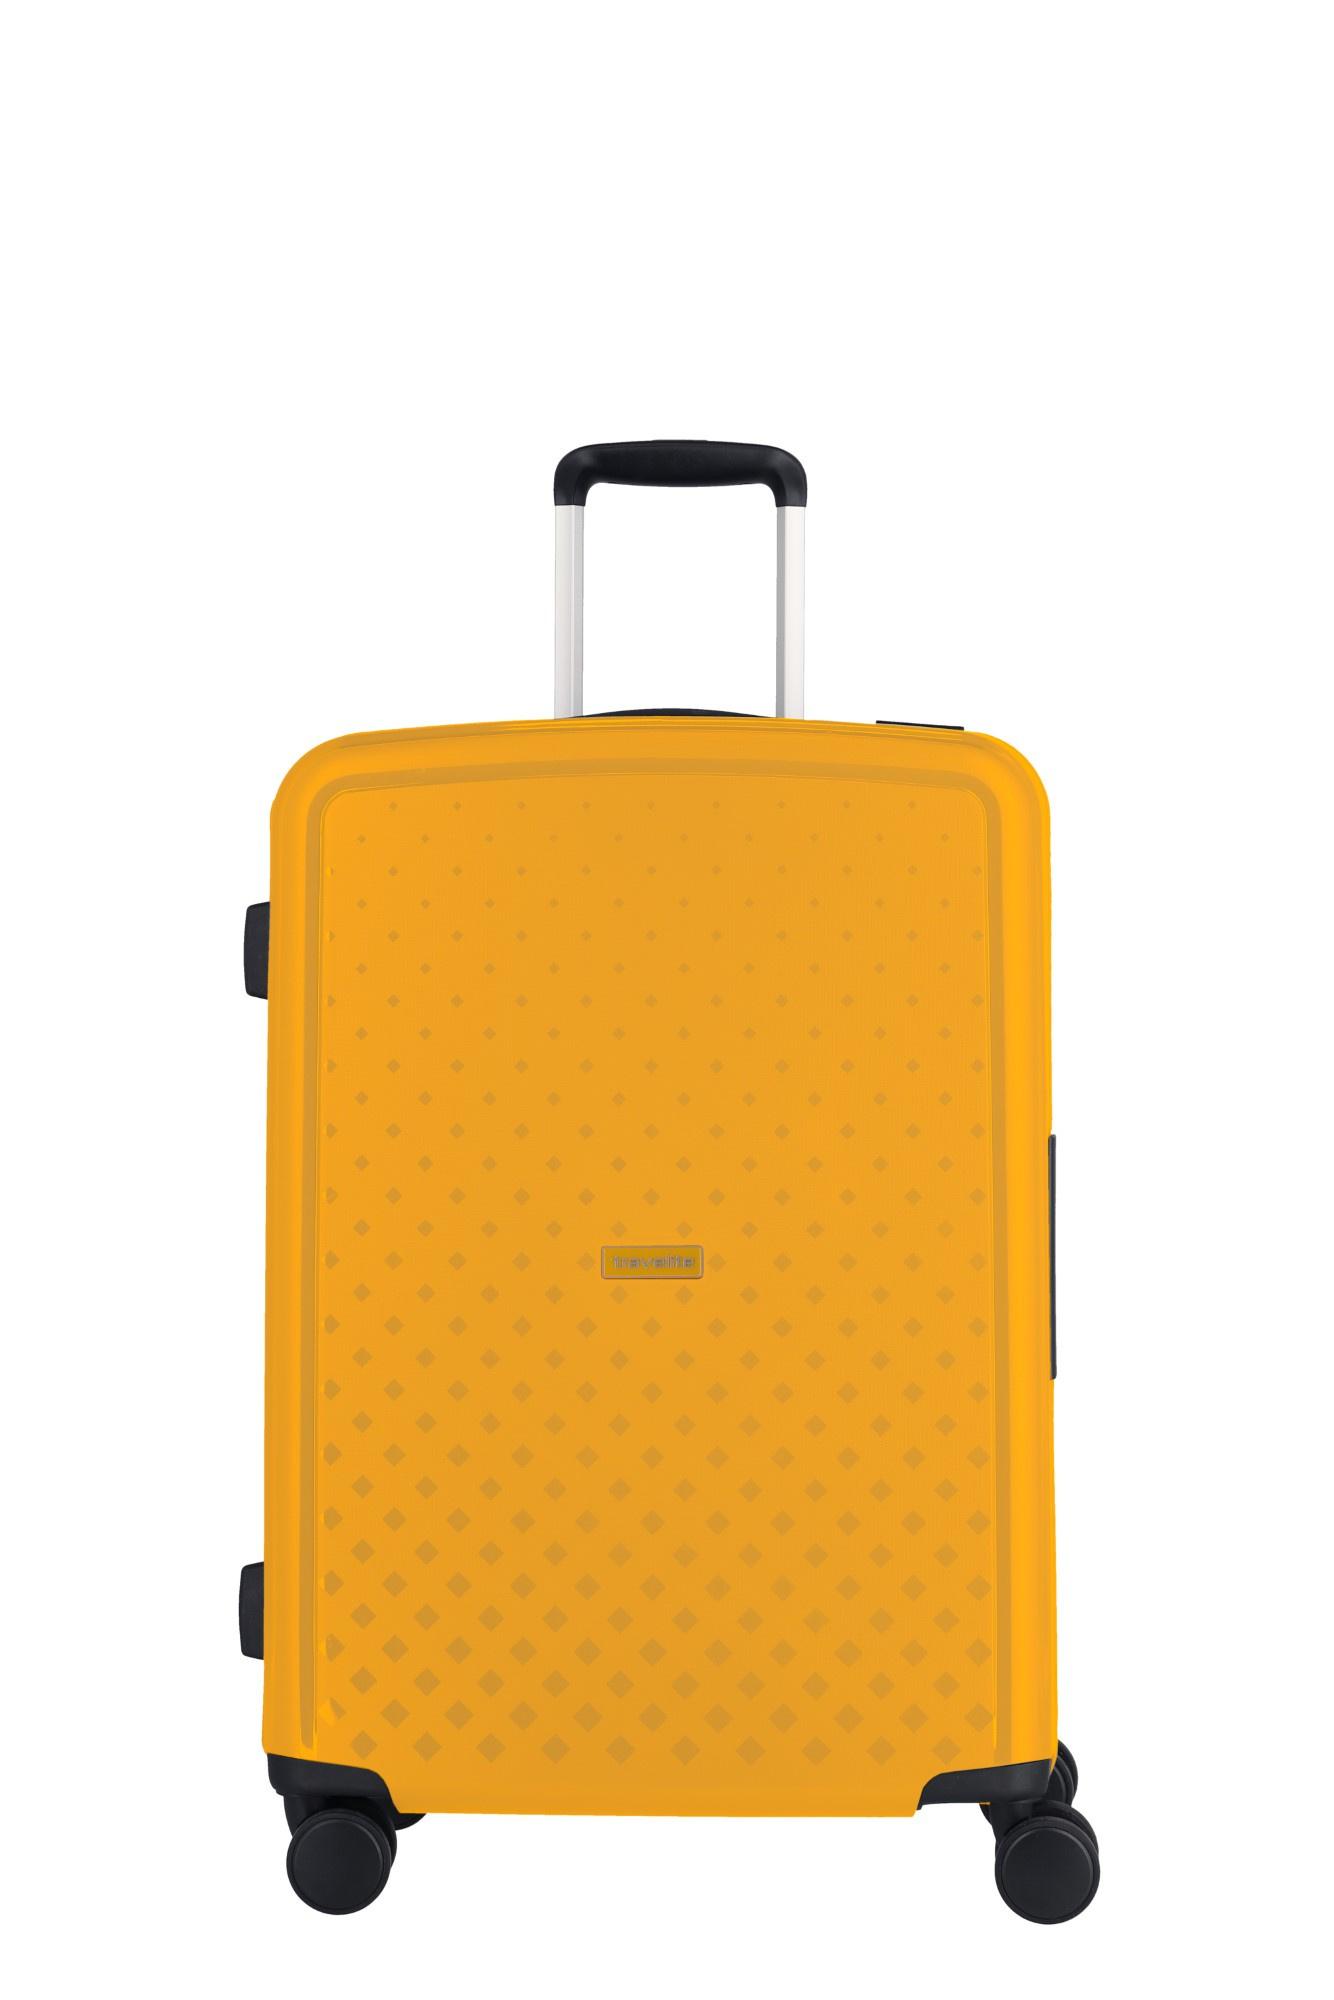 Travelite Terminal 4 Wiel Trolley M 076048 Yellow